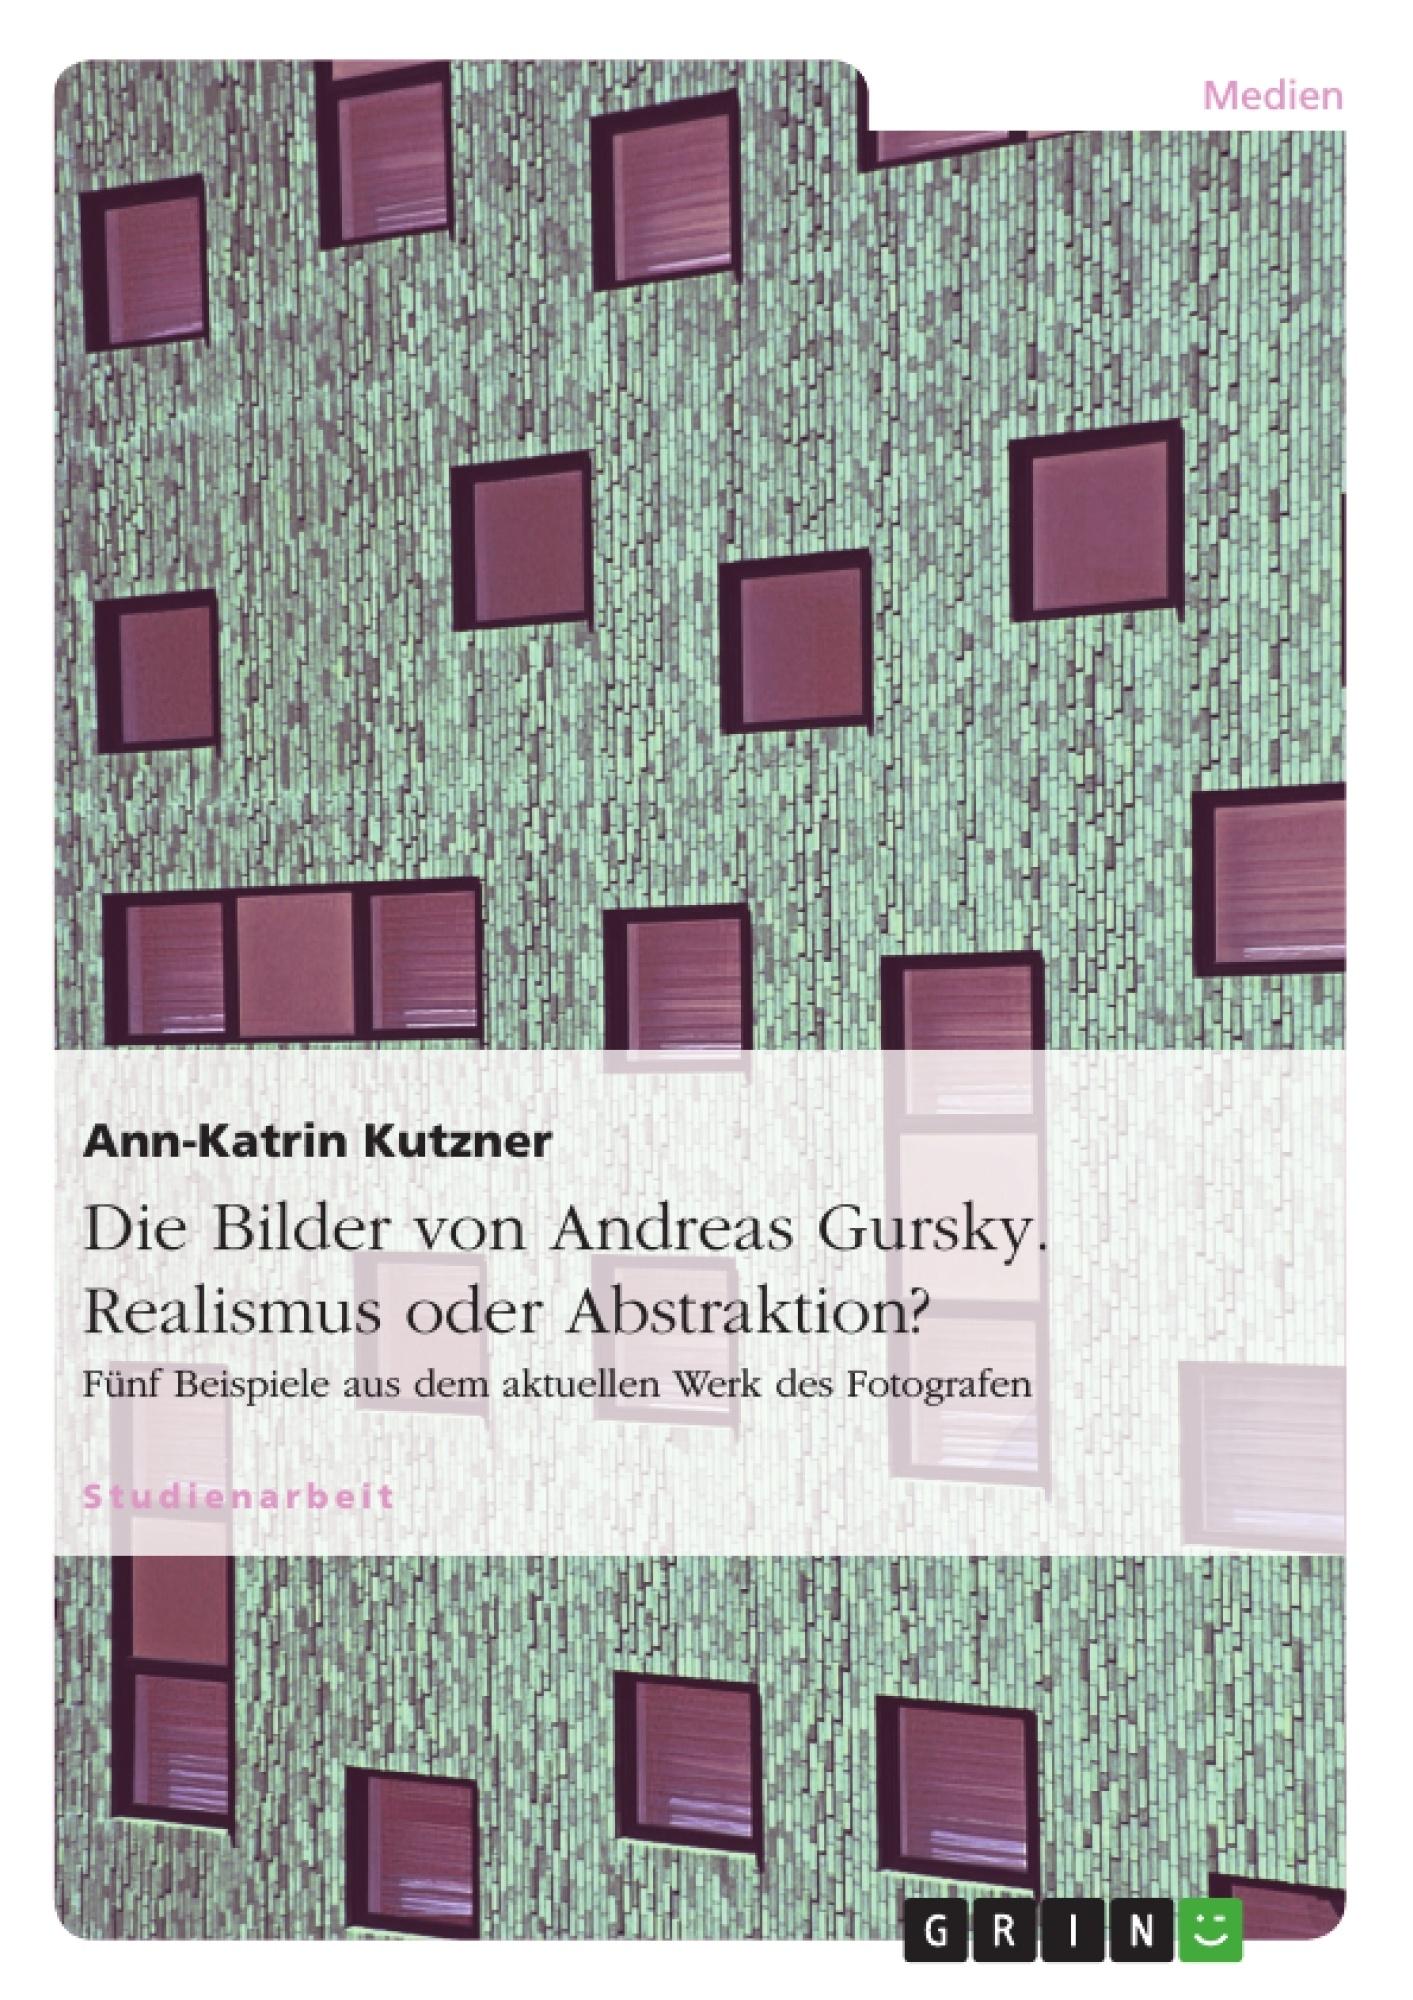 Titel: Die Bilder von Andreas Gursky. Realismus oder Abstraktion?